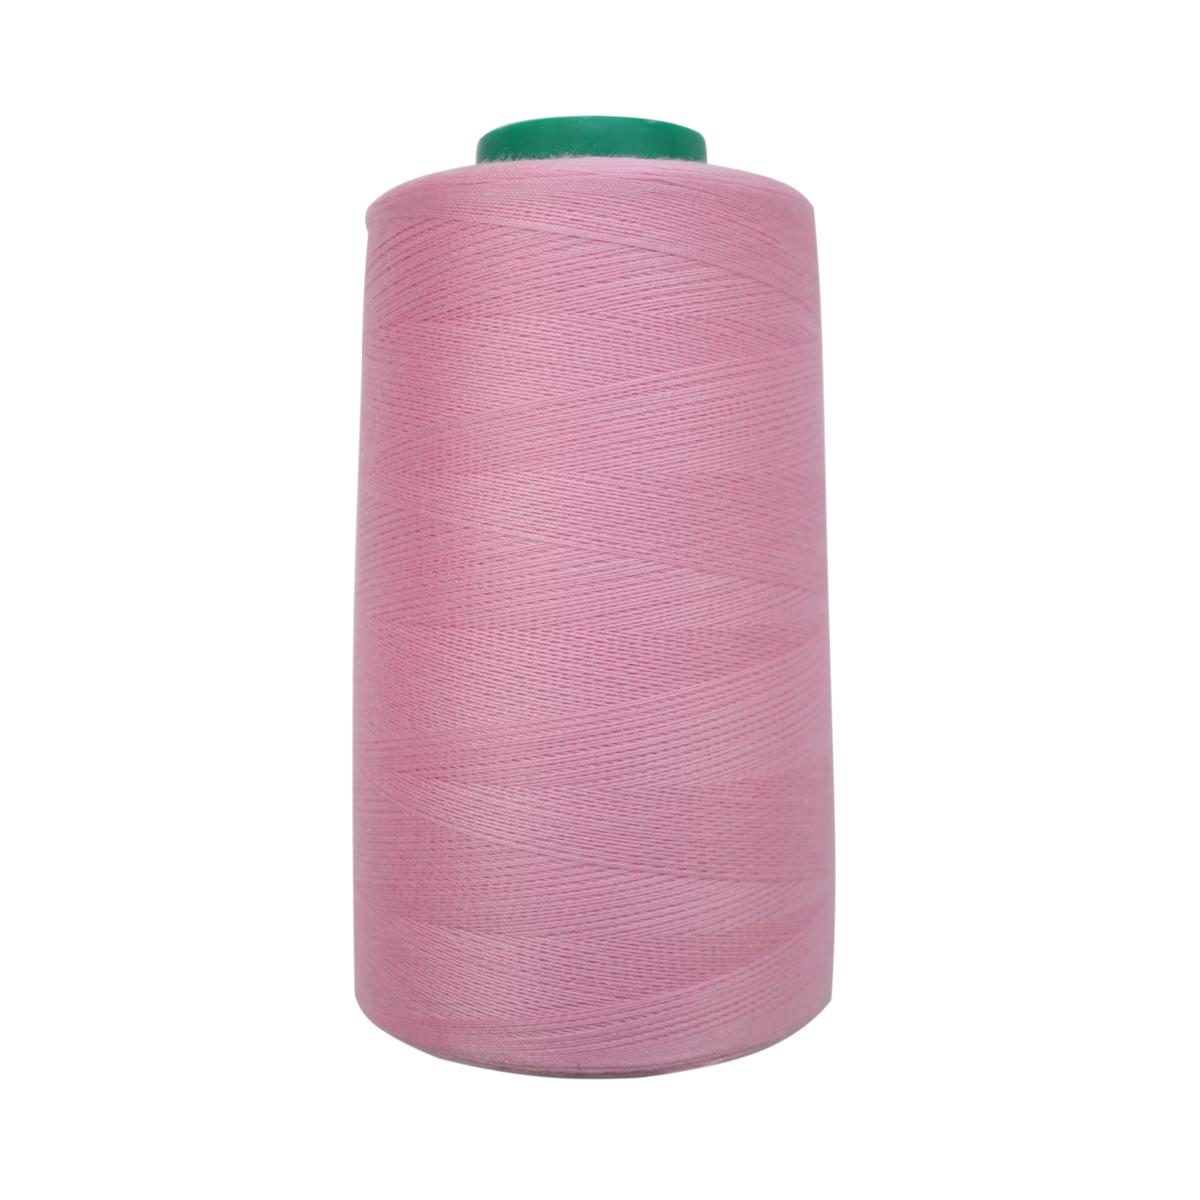 Нитки для шитья Bestex 50/2, 5000 ярд, цвет: розово-сиреневый (293)7700936-293Сфера использования: трикотаж; ткани малого веса; оверлочные швы; отделка краев; вышивка. Размер игл №70-80